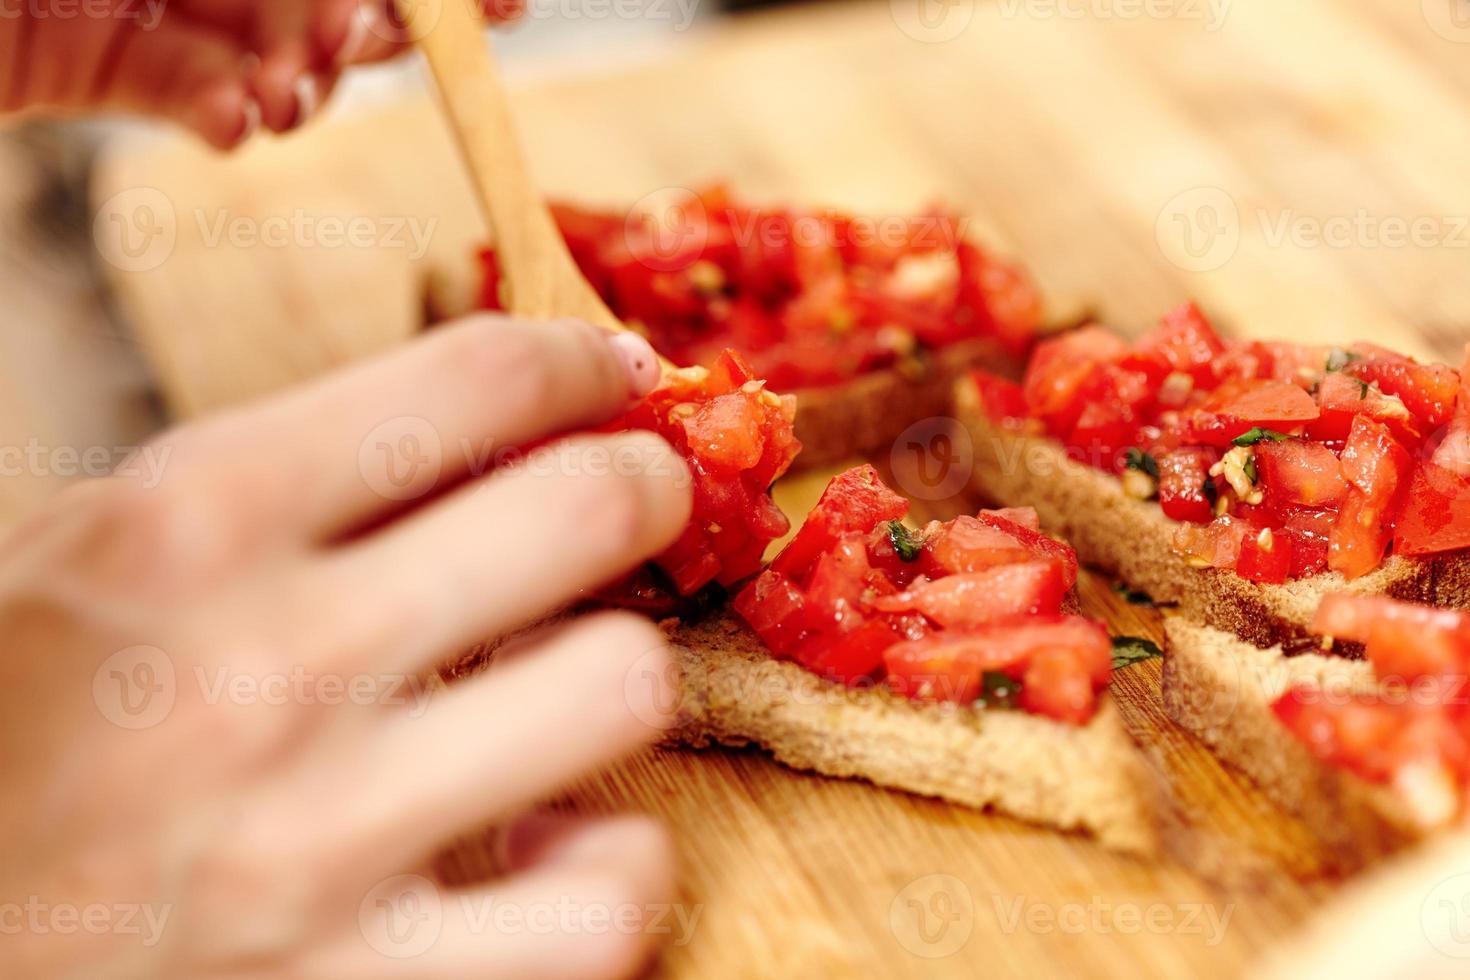 confecção de bruschettas de tomate foto